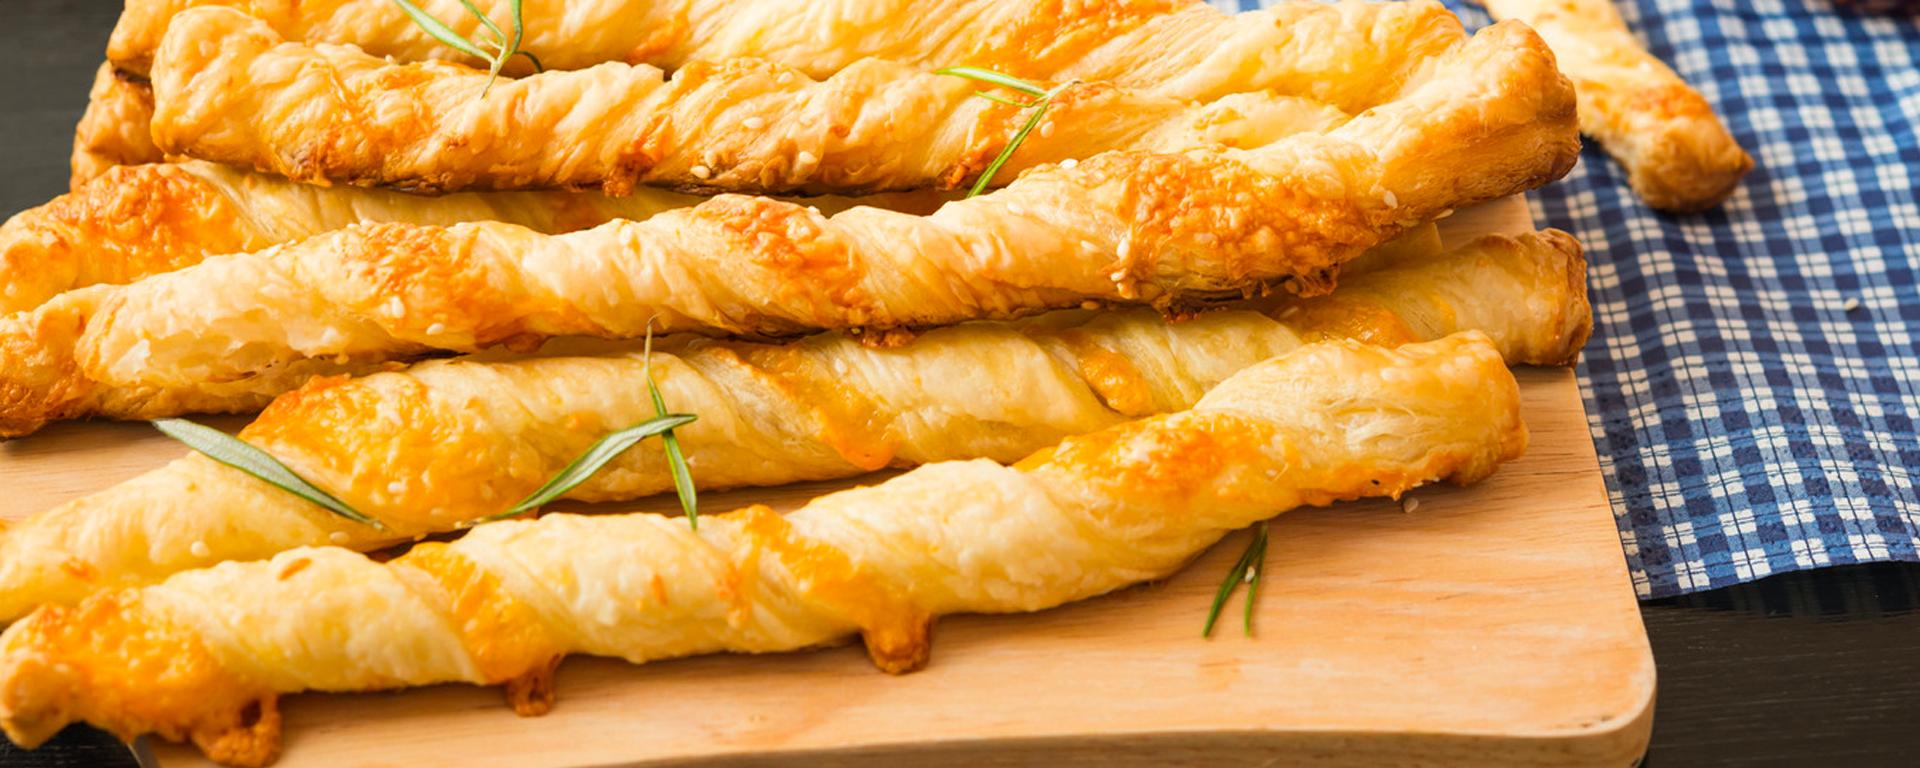 Cheese and Potato Bread Twist | Salerno